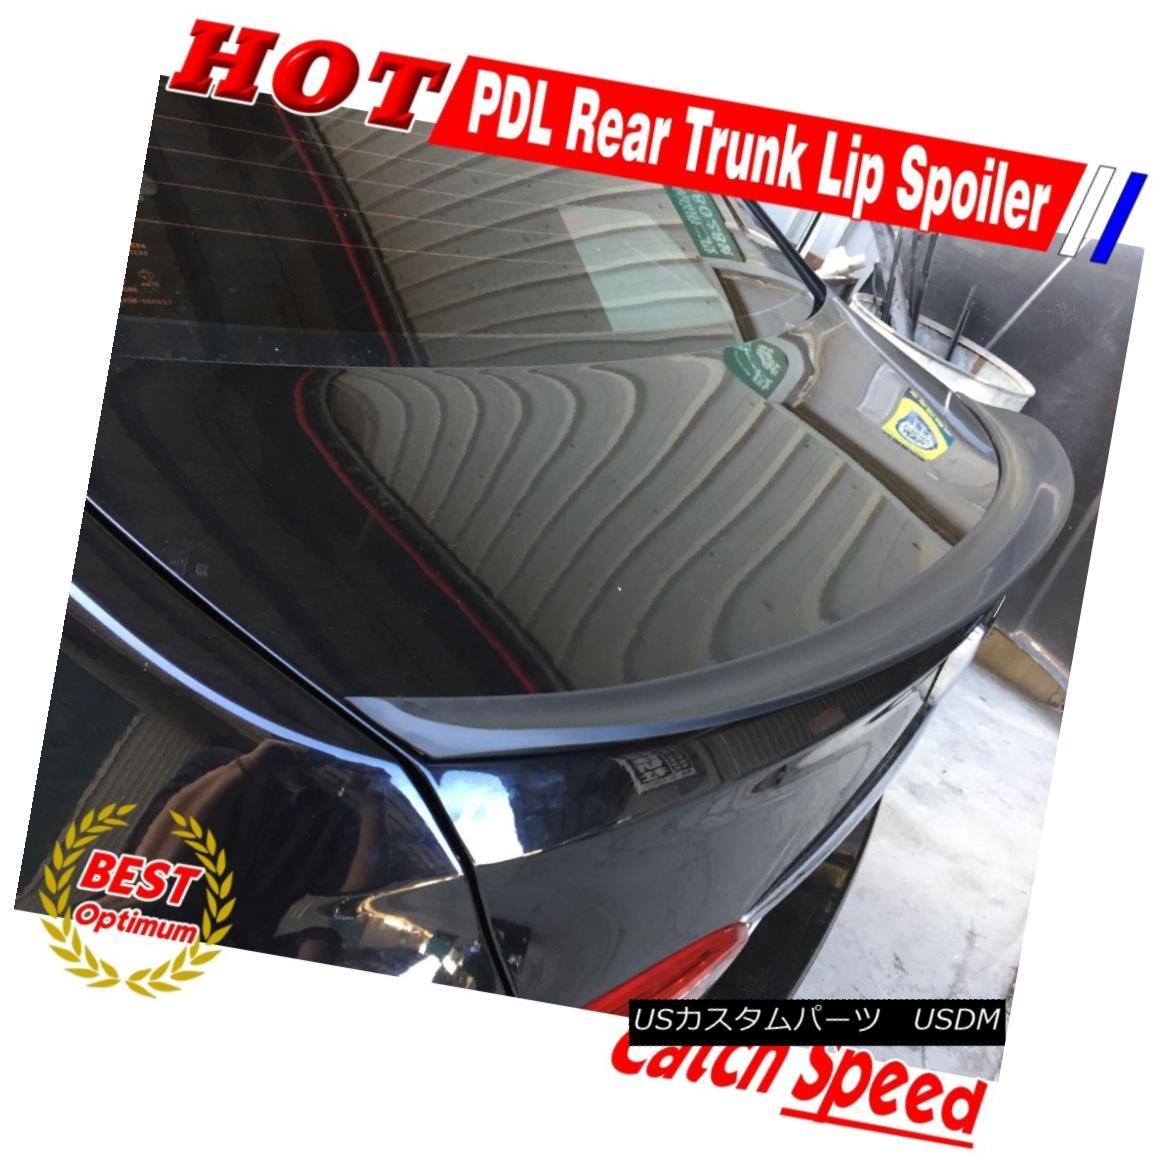 エアロパーツ Flat Black P Type Rear Trunk Lip Spoiler For Hyundai Equus VI Sedan 2011~2016 現代エクウスVIセダン用フラットブラックPタイプリアトランクリップスポイラー2011?2016